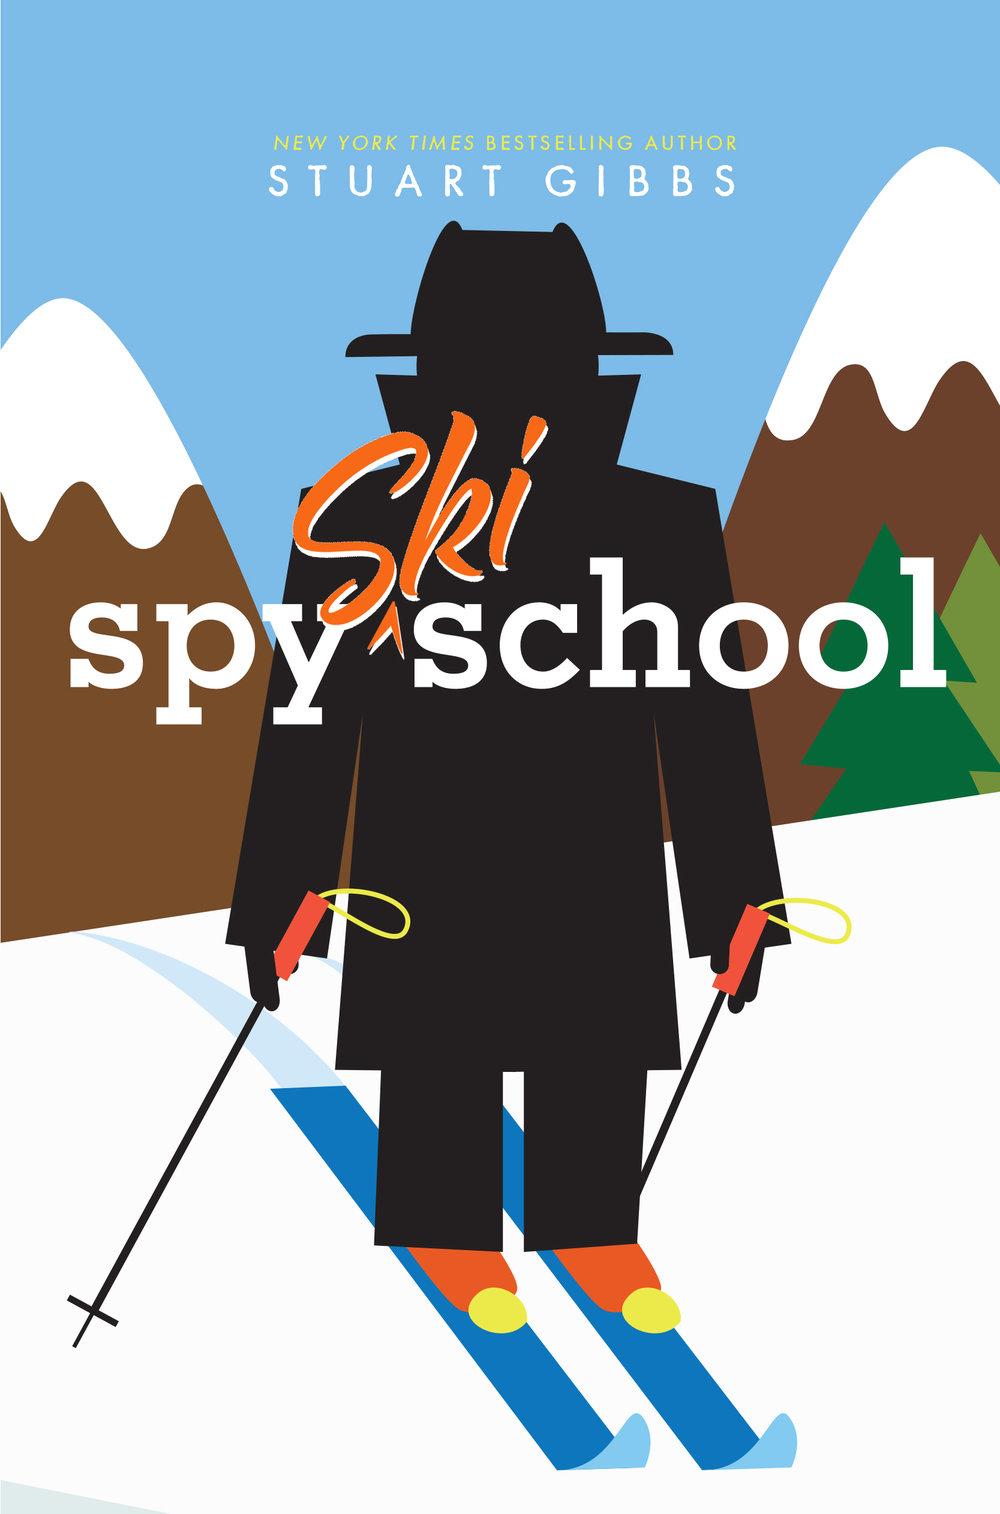 gibbs-ski-spy-school.jpg